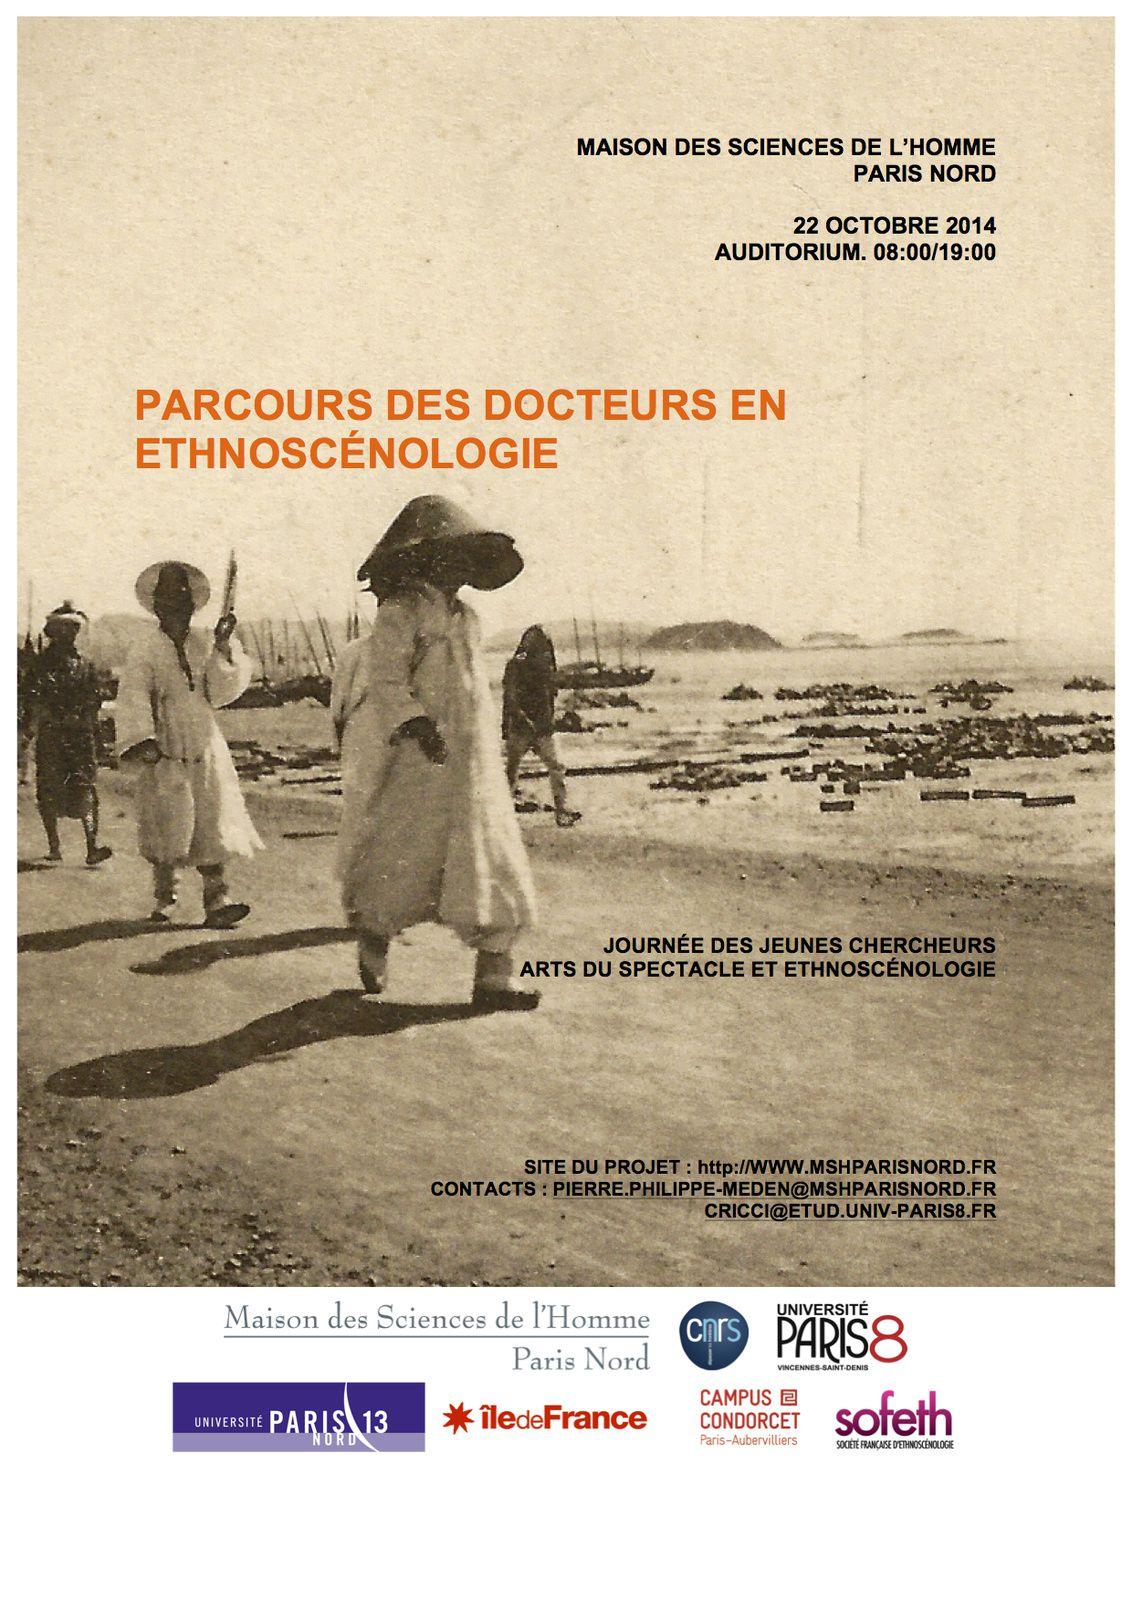 Le parcours des docteurs en ethnoscénologie